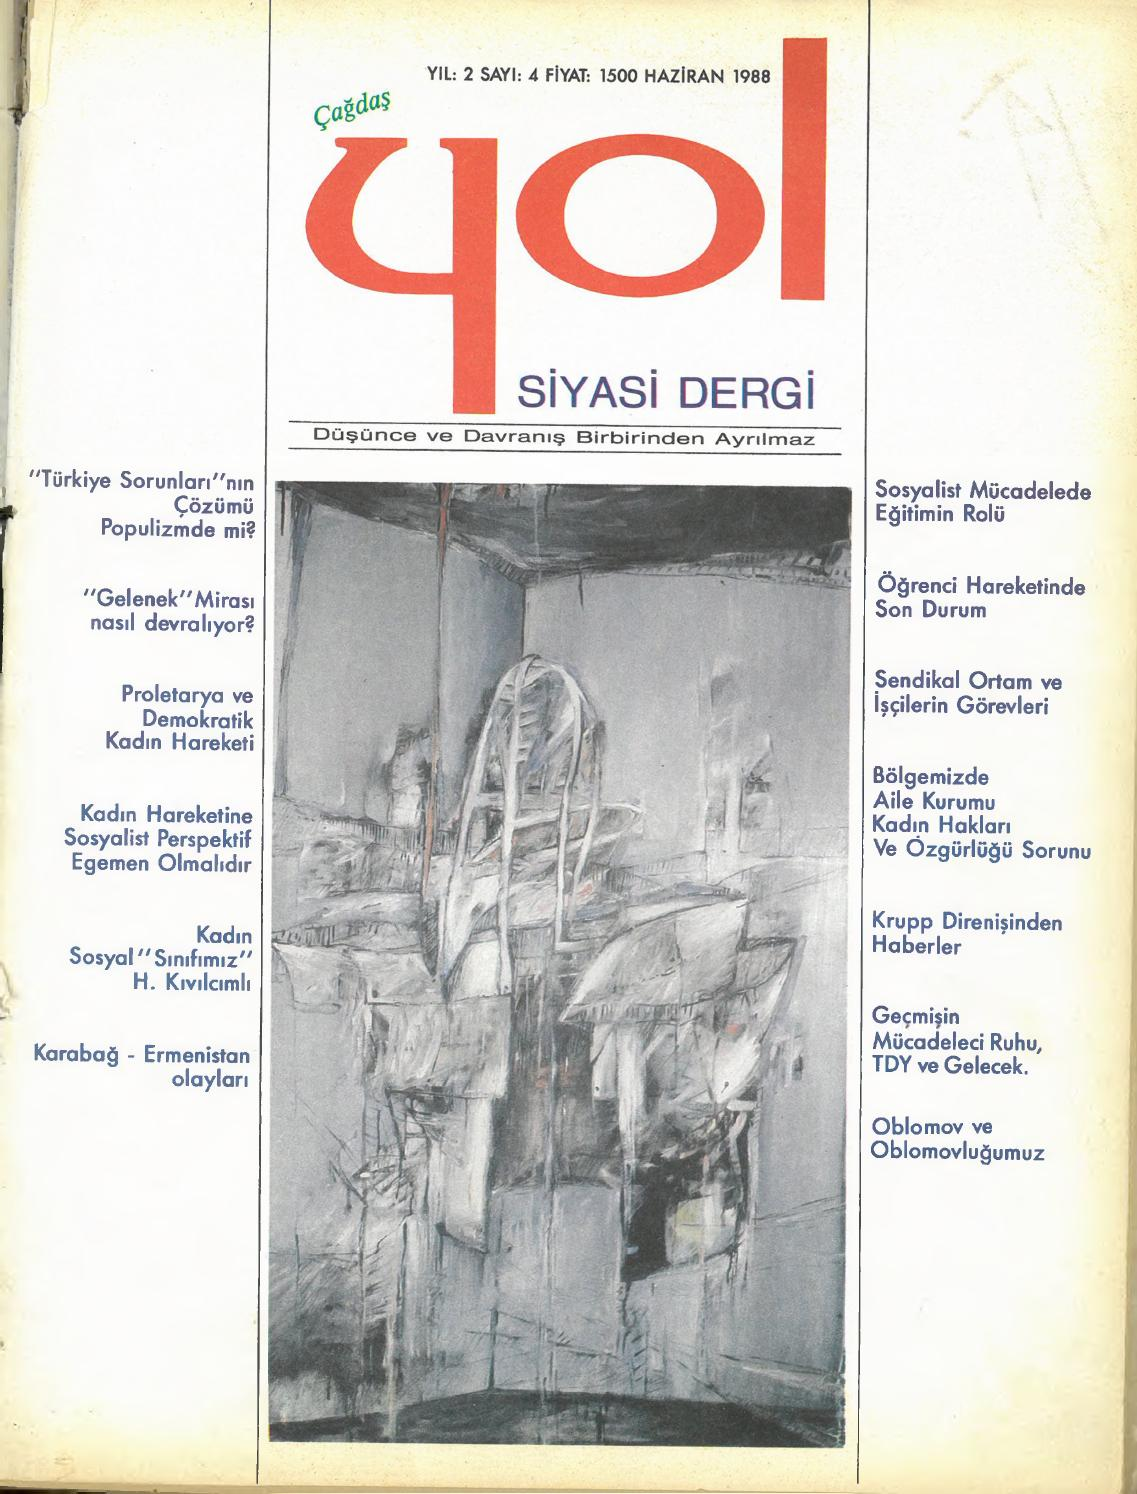 Izh 56 - geleneklere bir övgü